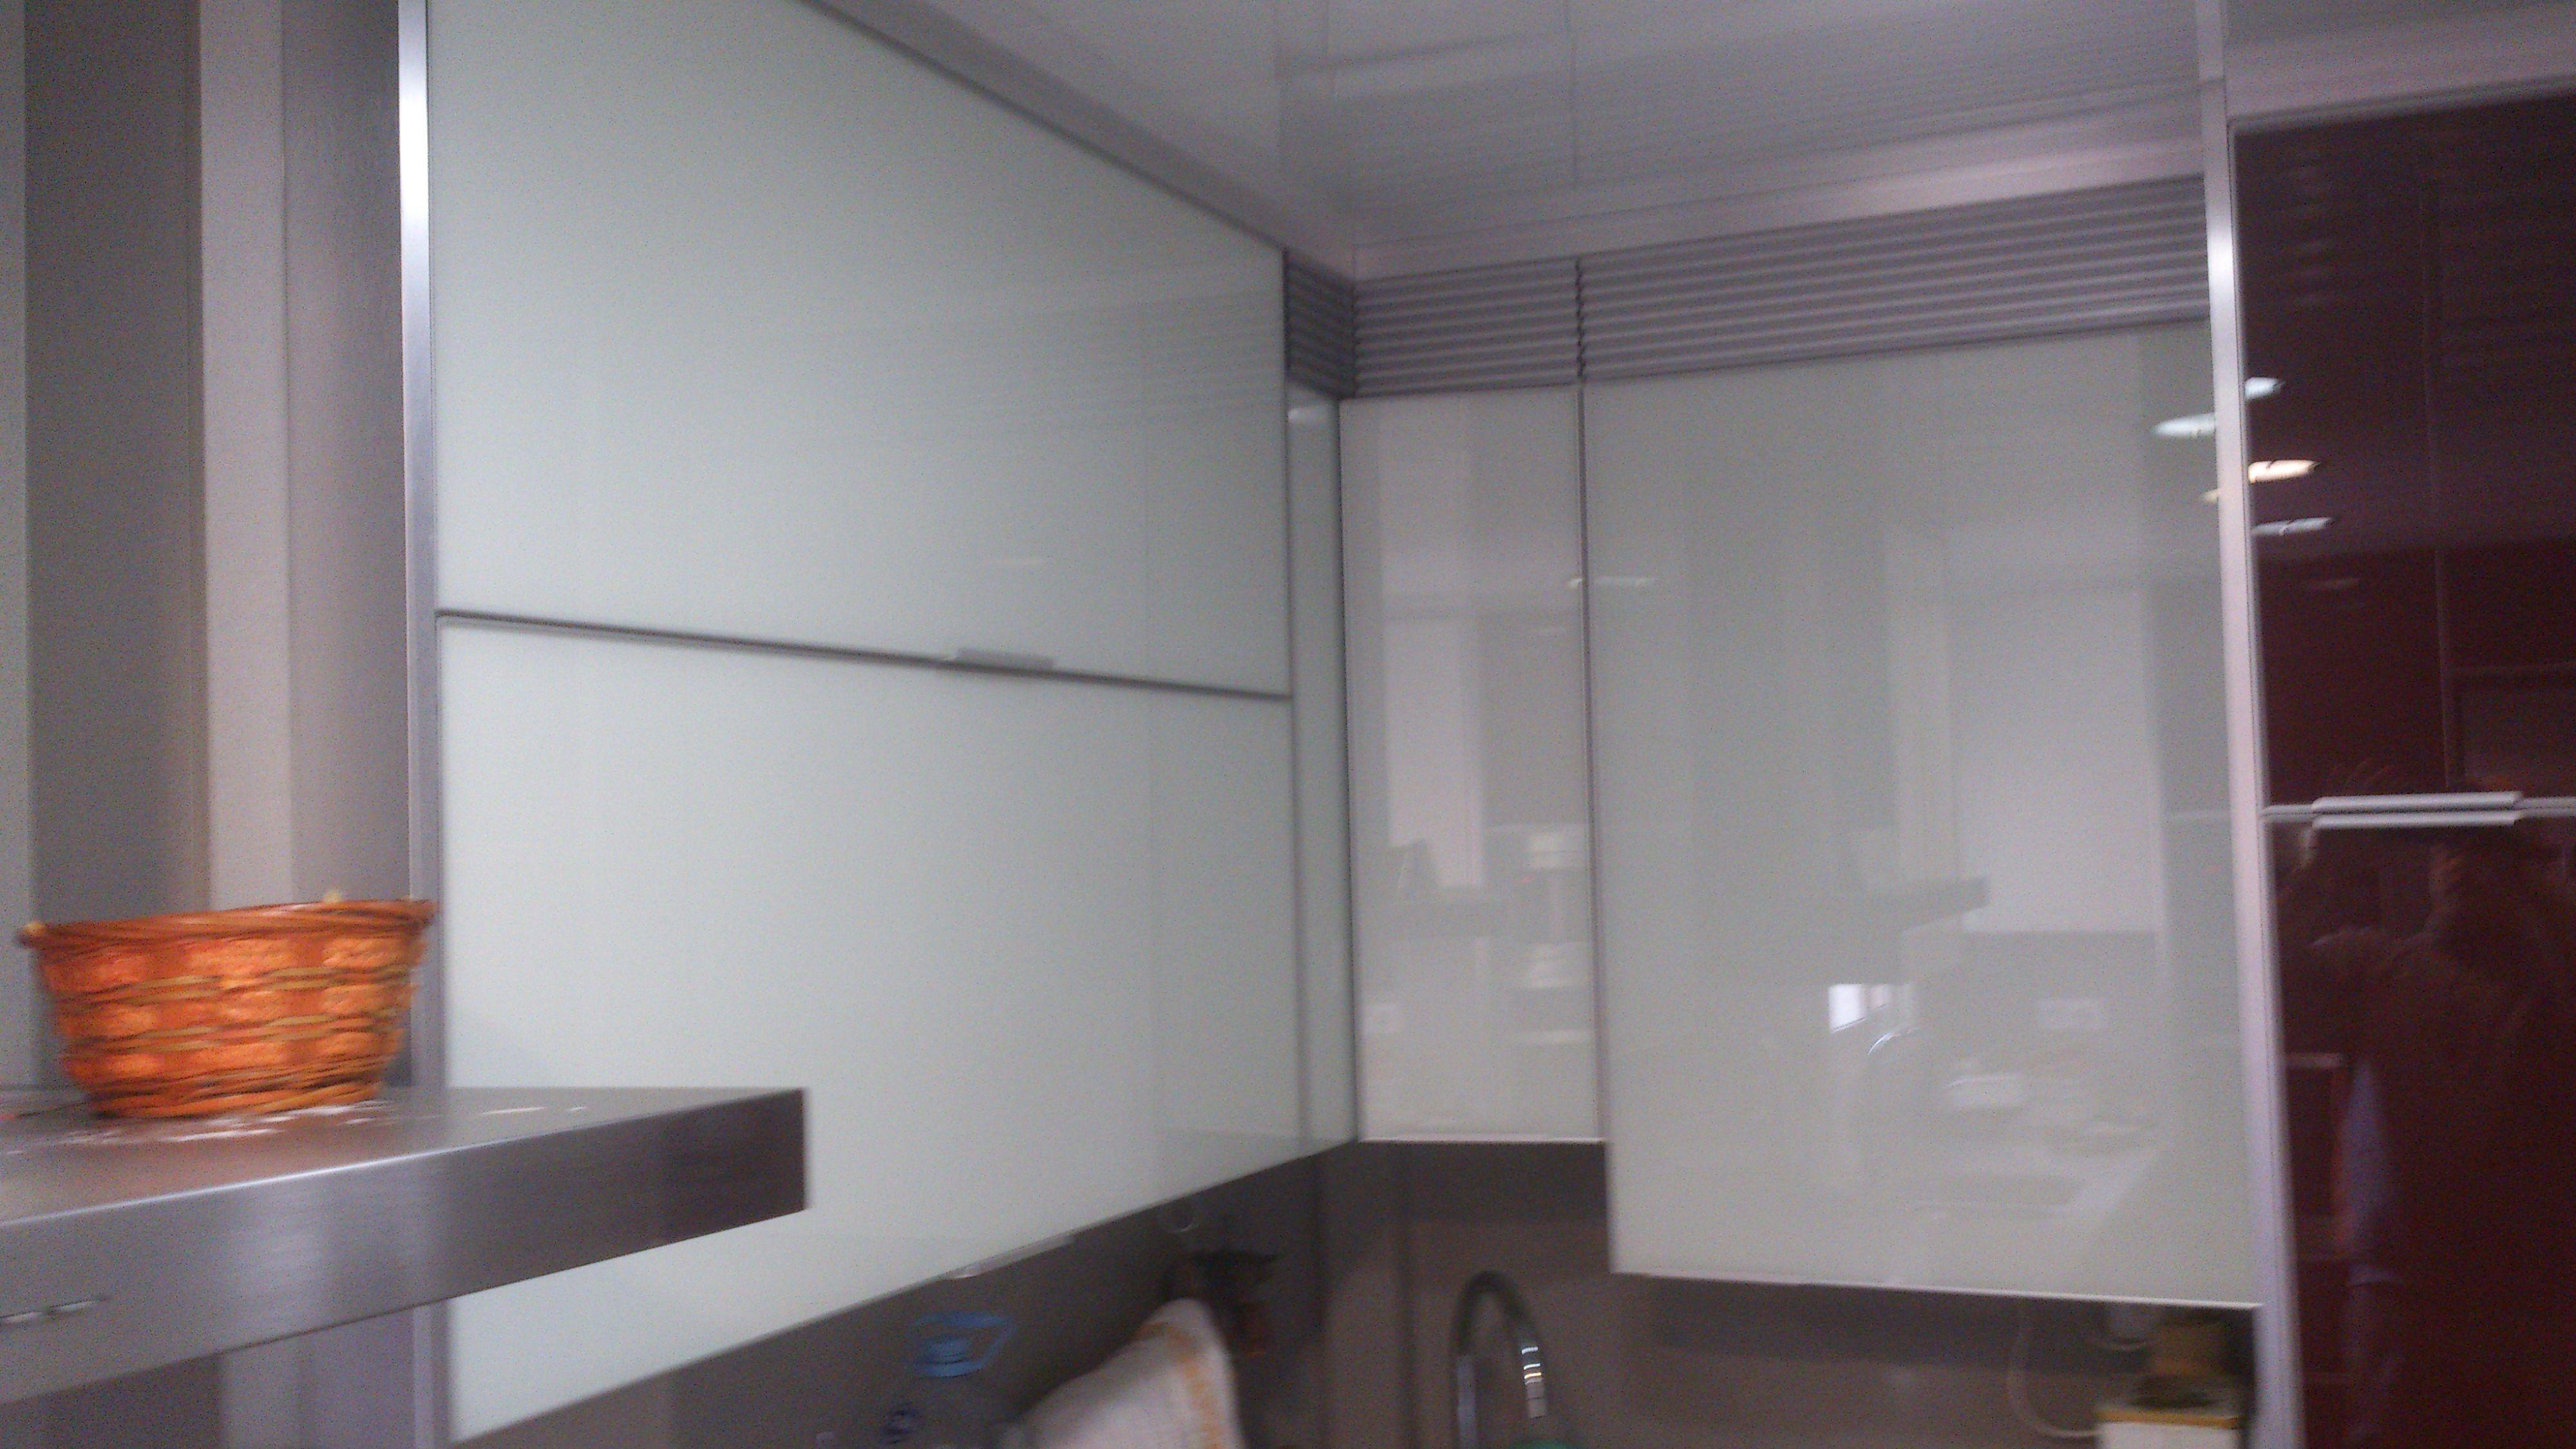 Casas Cocinas Mueble Puertas De Cristal Cocina - Puertas De Cocina ...